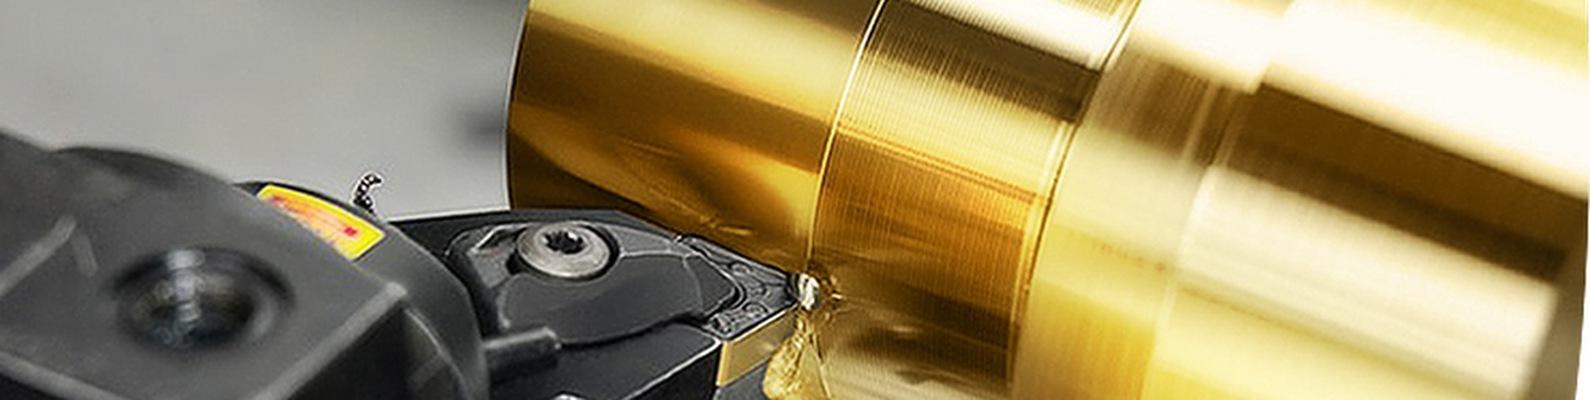 Режимы резания для обработки титана рекомендуемые значения скорости резания для фрезерования различных титановых сплавов фрезами скиф-м обознач